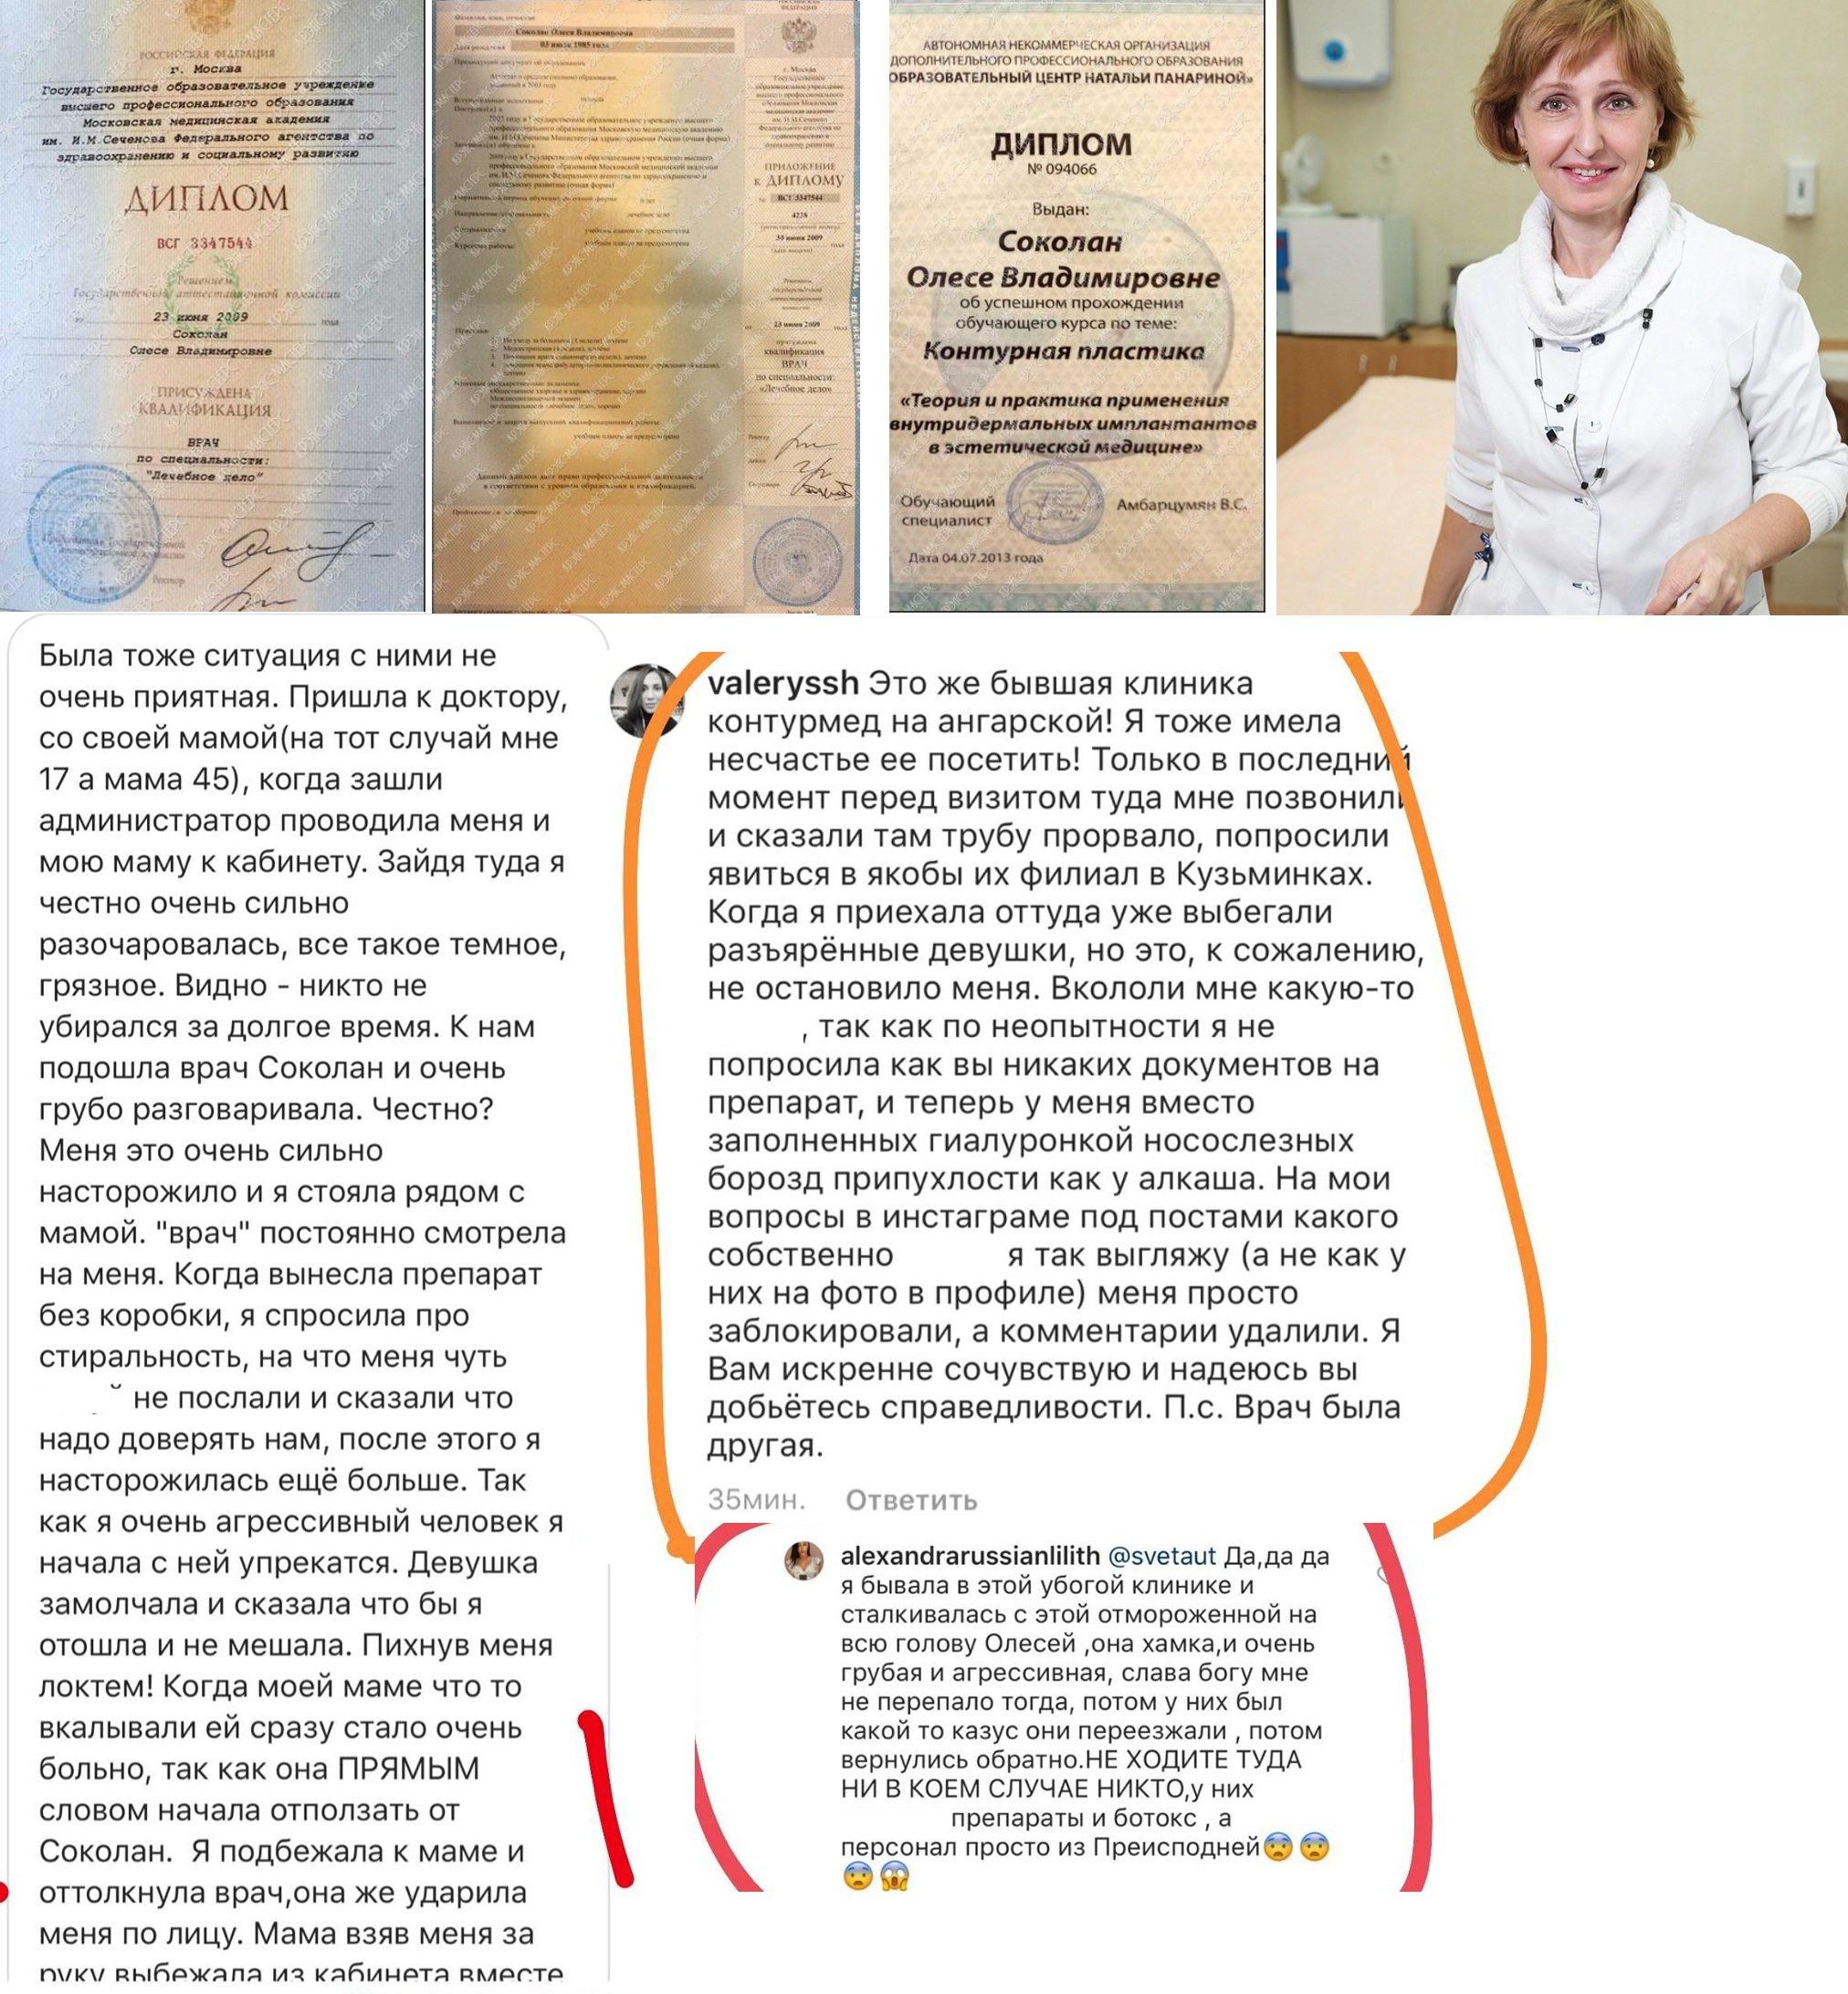 Пациентка косметологической поликлиники в российской столице обвинила медработника визбиении